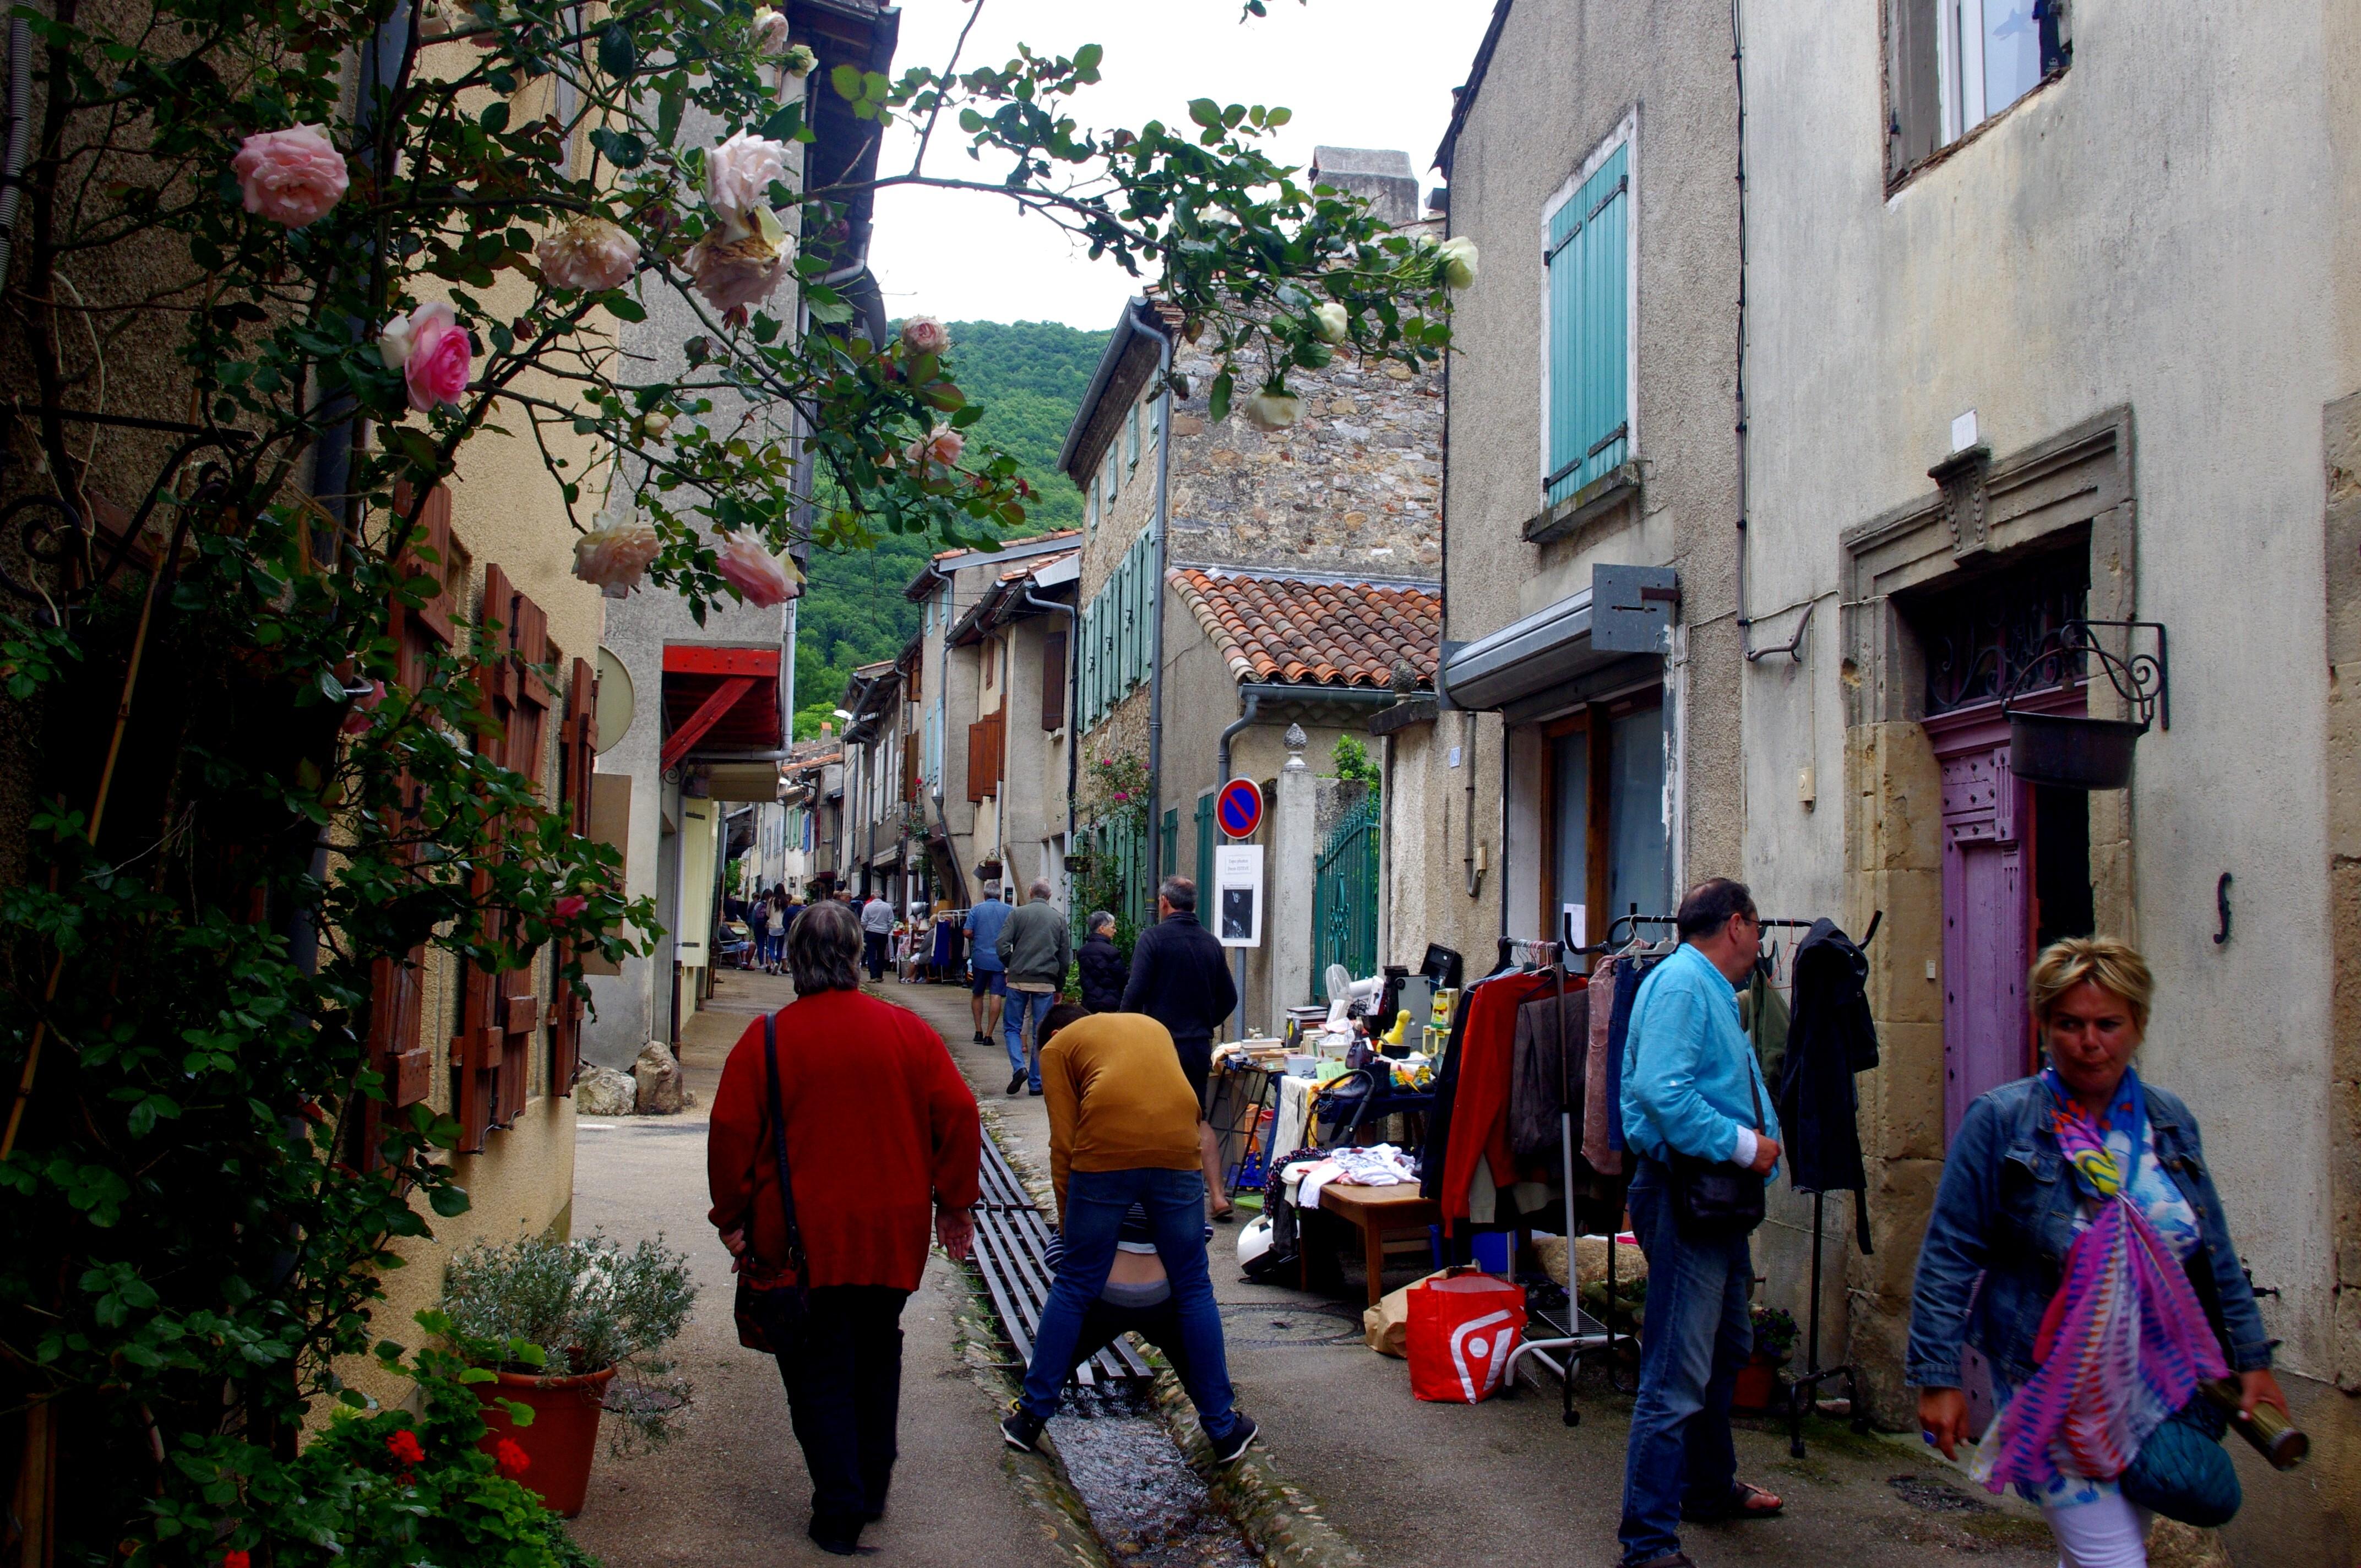 vide grenier dimanche 4 juin 2017 mairie village de ForVide Grenier Loiret 2017